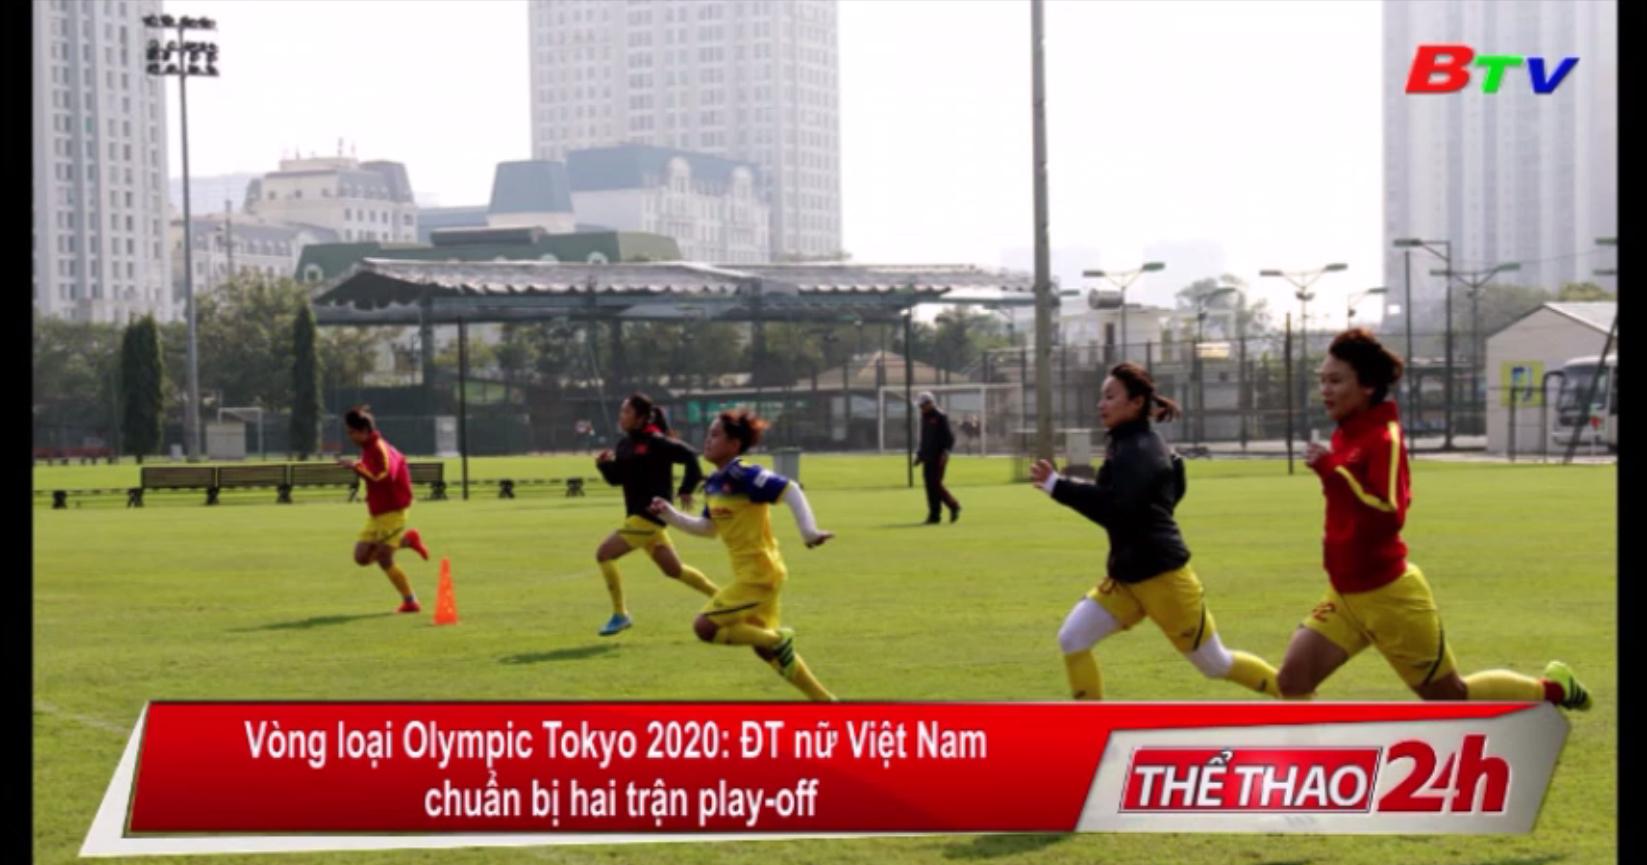 Vòng loại Olympic Tokyo 2020 - ĐT nữ Việt Nam chuẩn bị 2 trận play-off